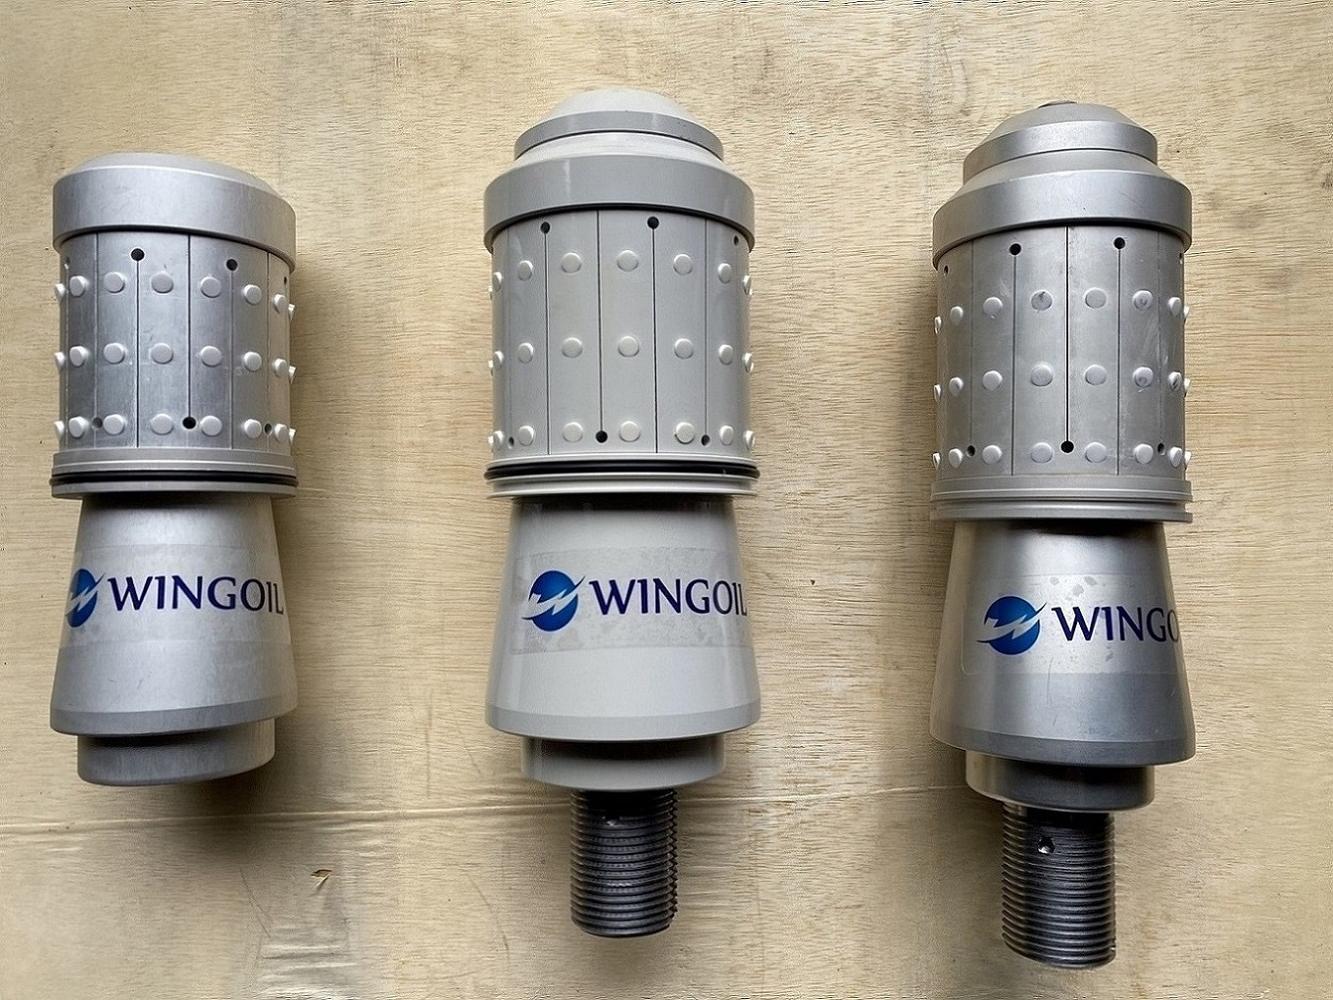 Wingoil Fully Dissolvable & Disintegrating Frac Plug